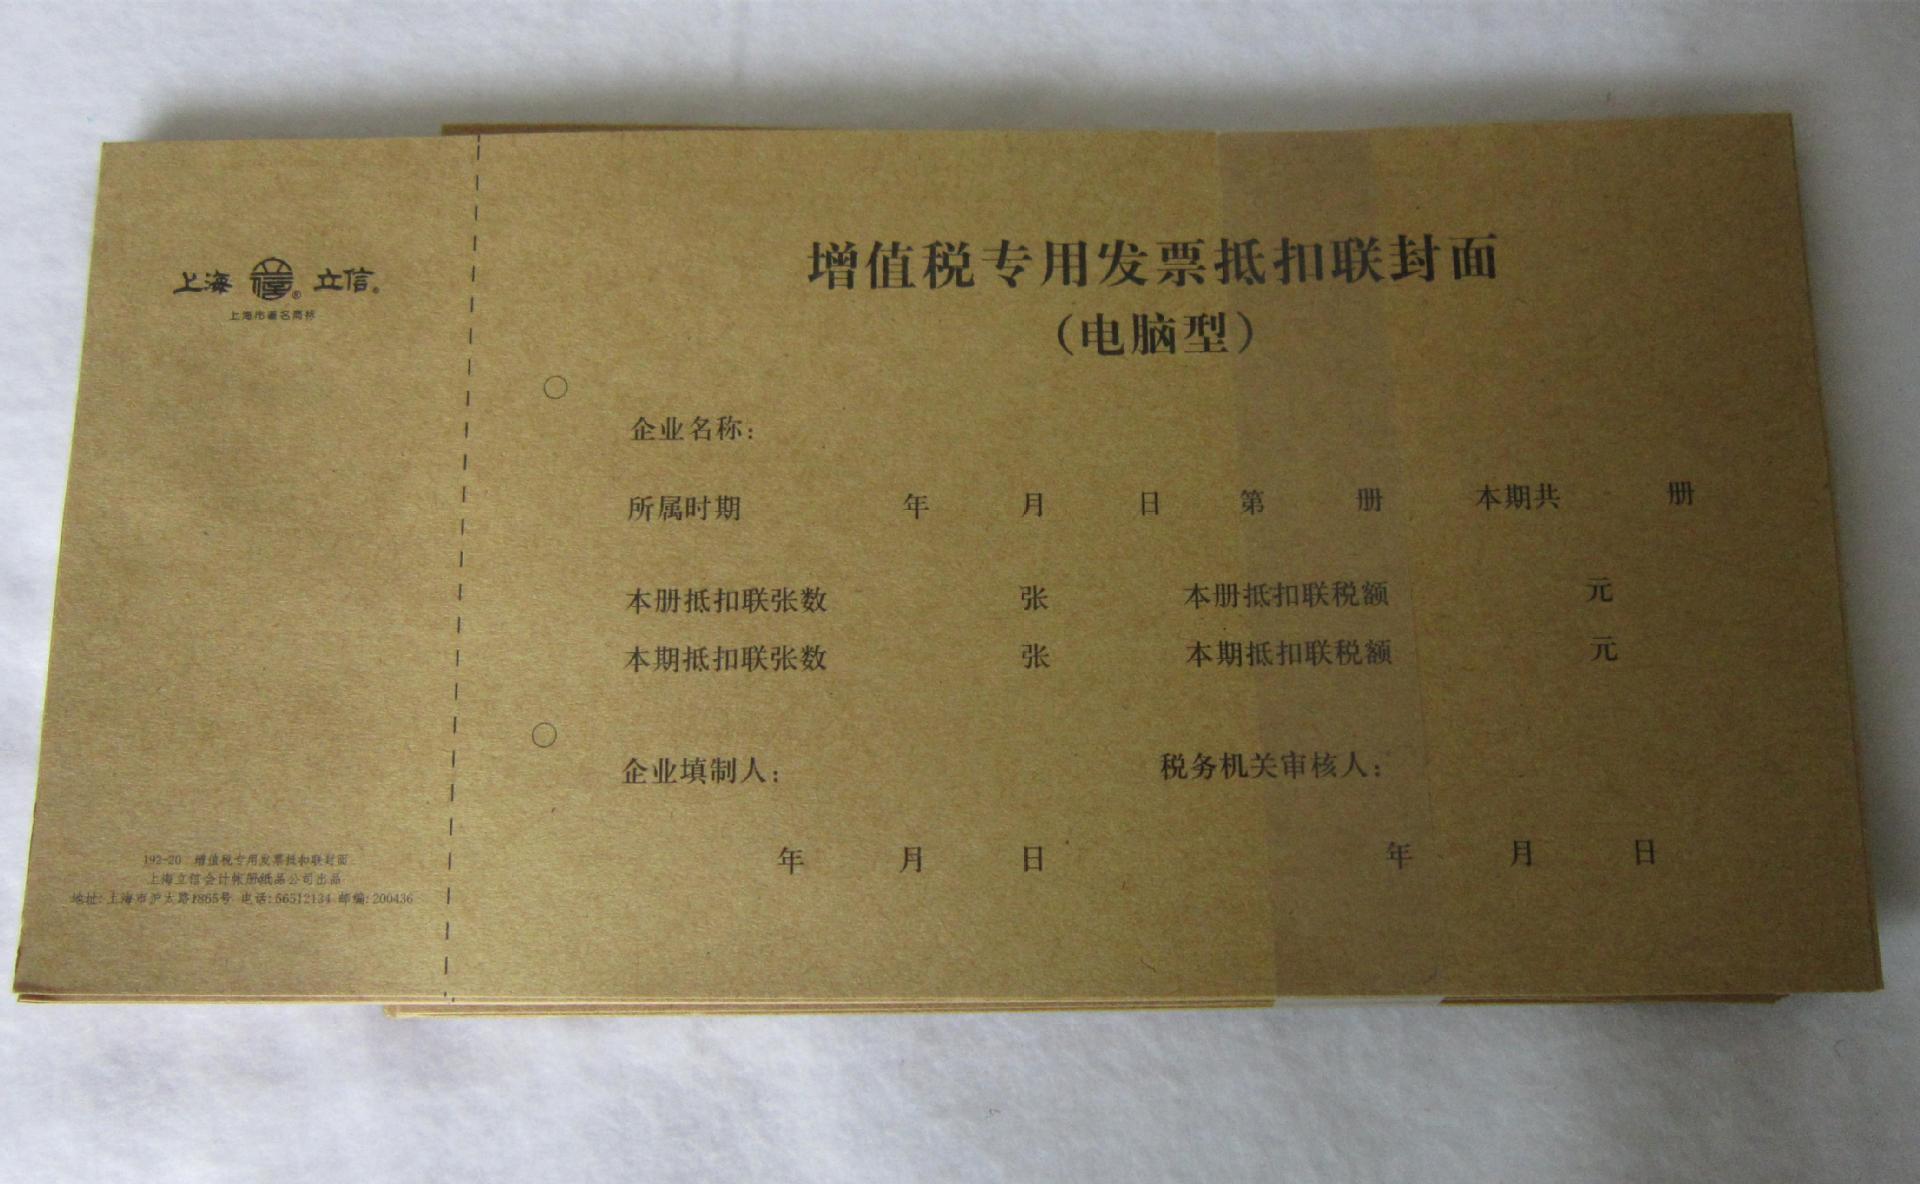 【增值税专用发票抵扣联封面(电脑型)】